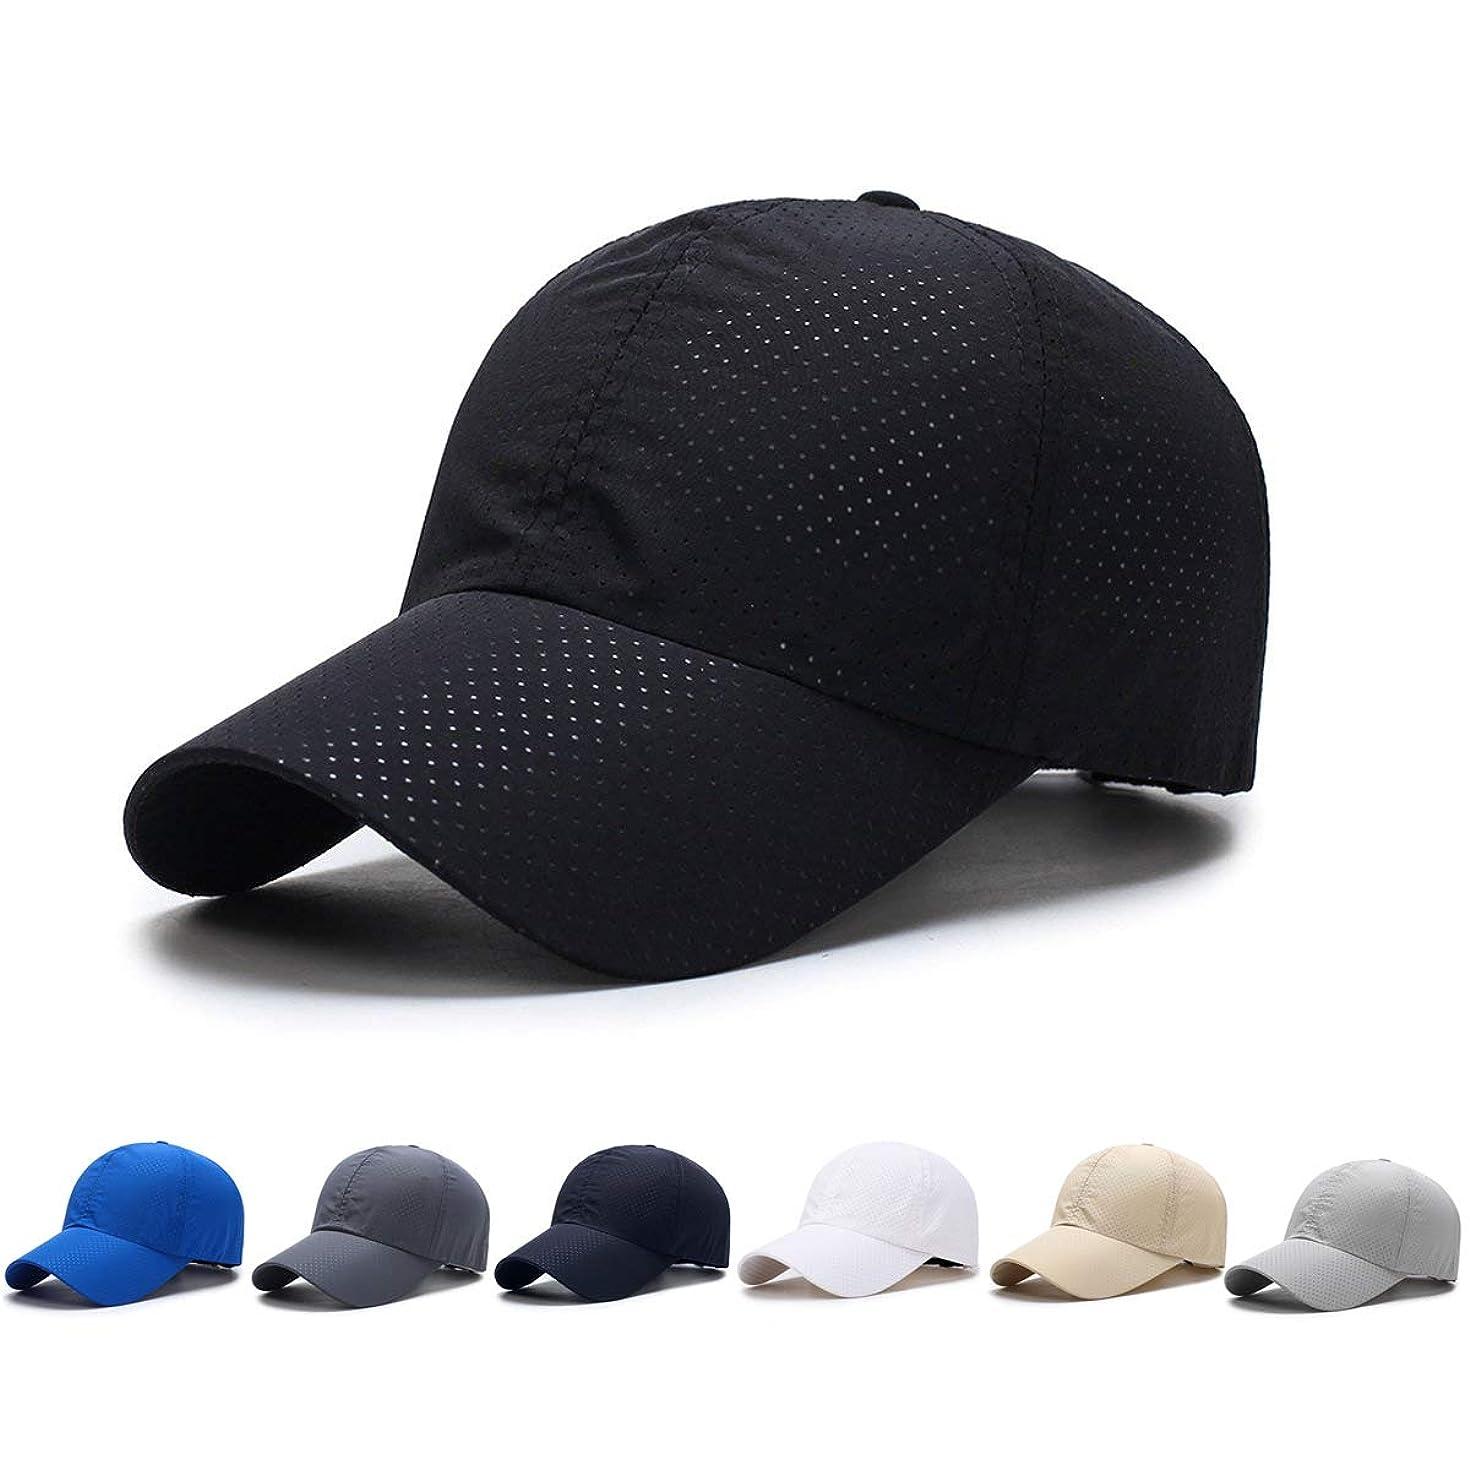 必要とするシニス人里離れたキャップ 野球帽 男女兼用 通気性抜群 日除け 紫外線対策 調節可能 登山 釣り ズゴルフ帽子 メッシュ帽